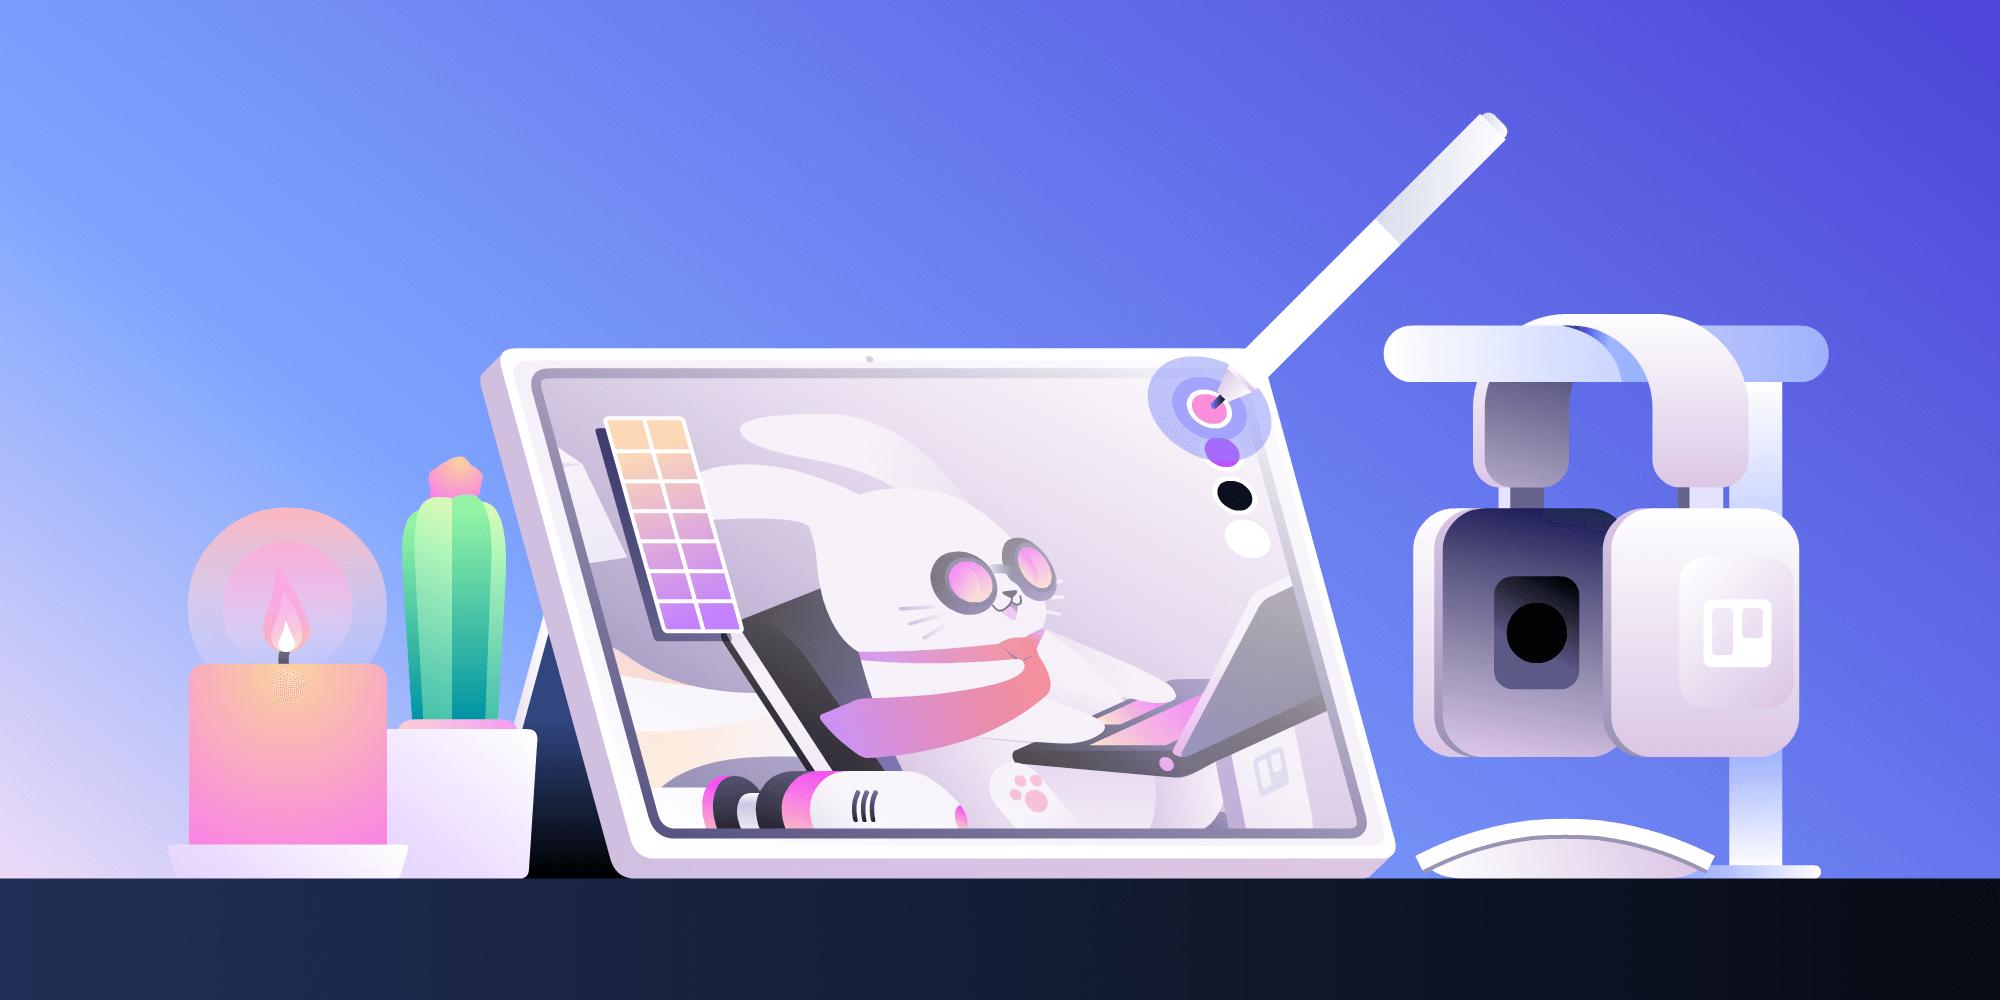 Como organizar um home office? 10 exemplos inspiradores